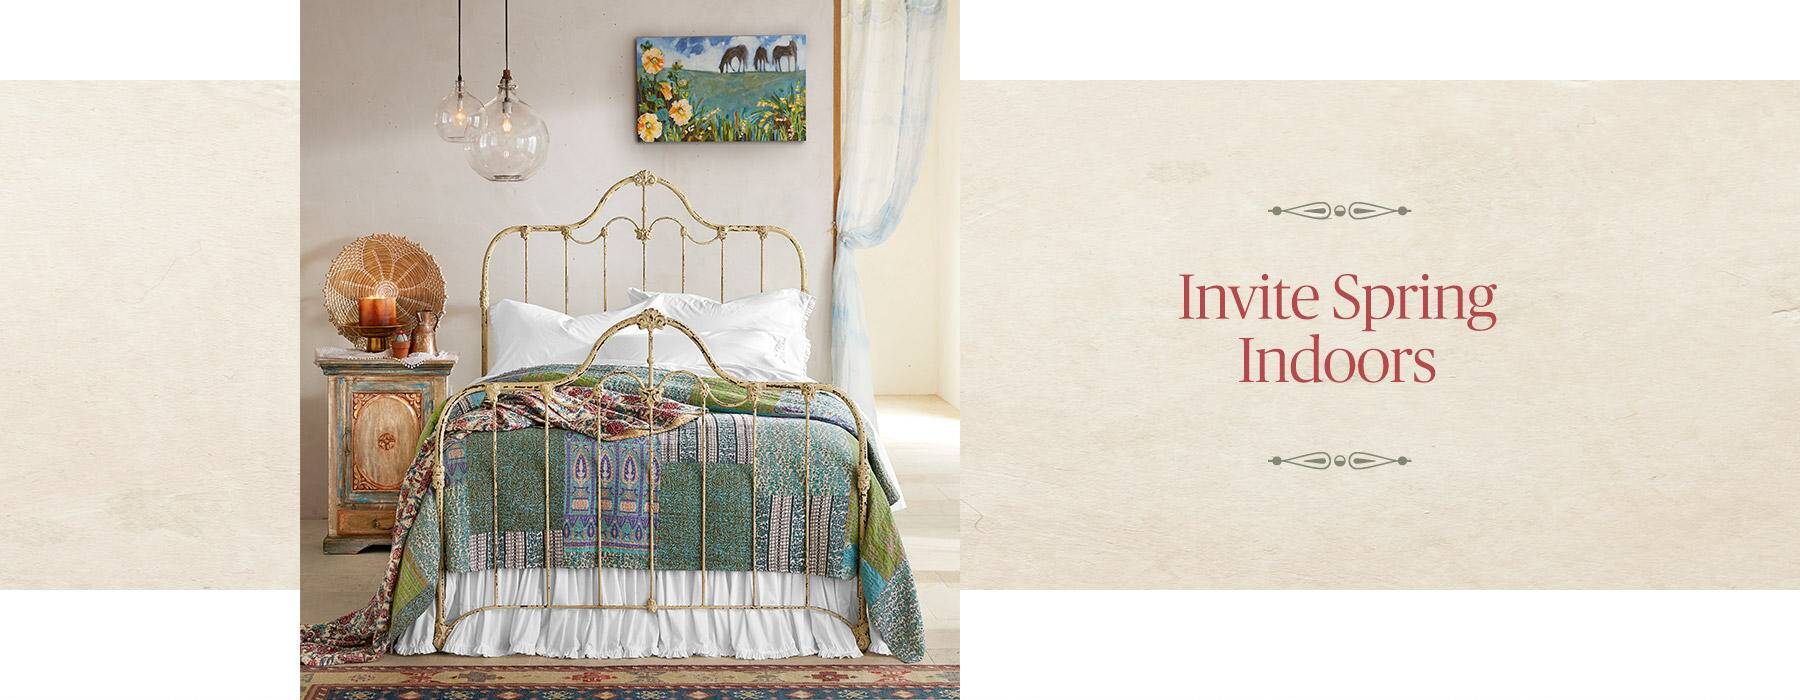 Invite Spring Indoors